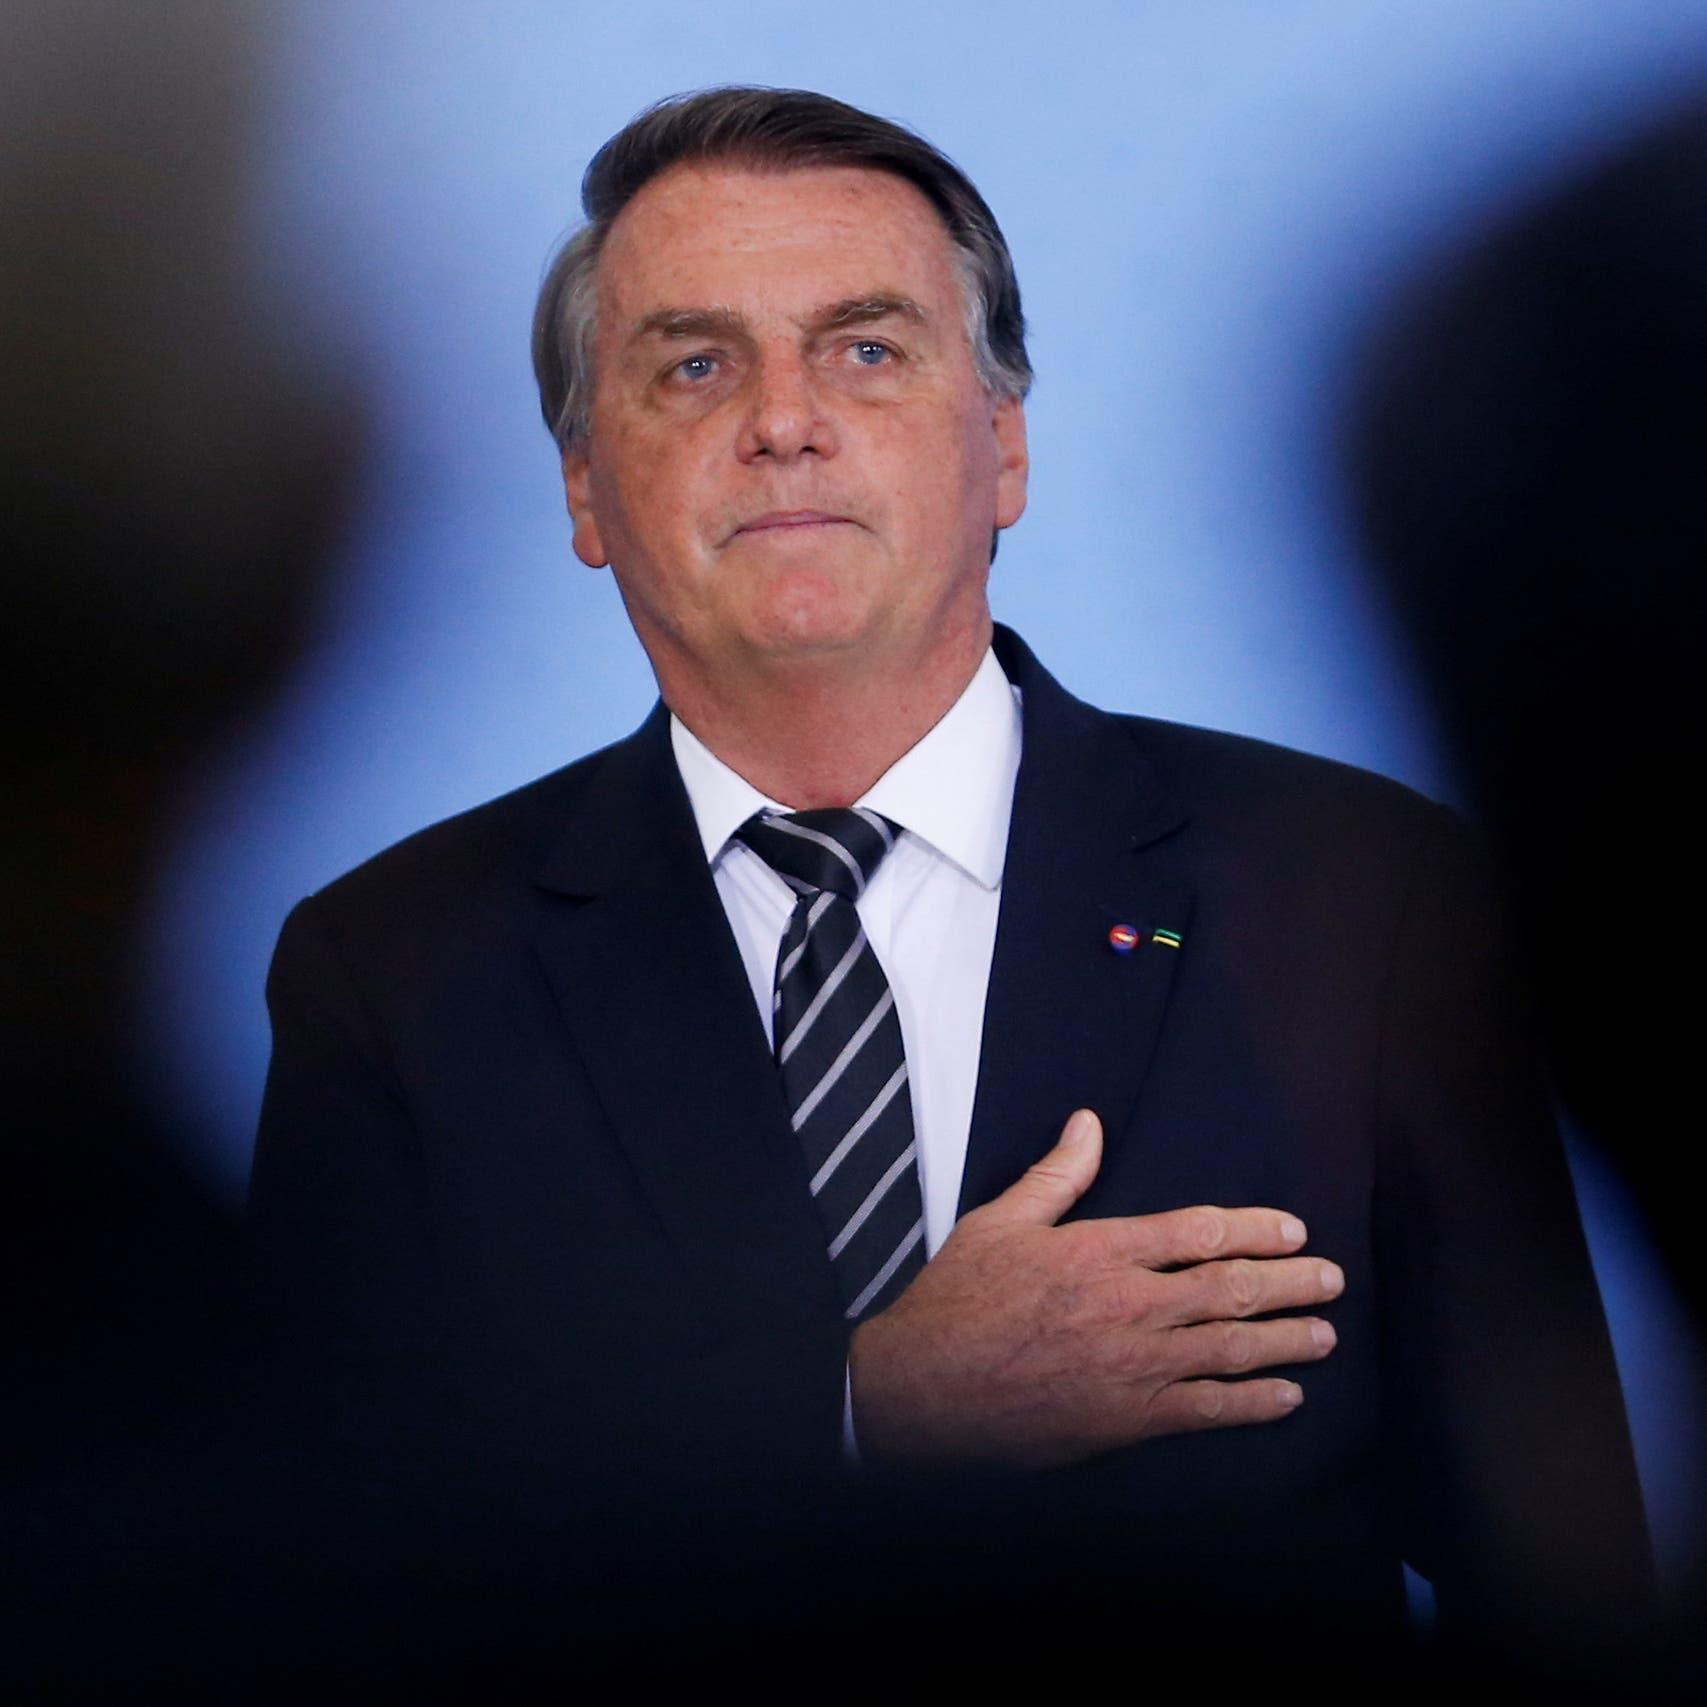 رئيس البرازيل: أمامي 3 خيارات إما السجن أو الموت أو الفوز